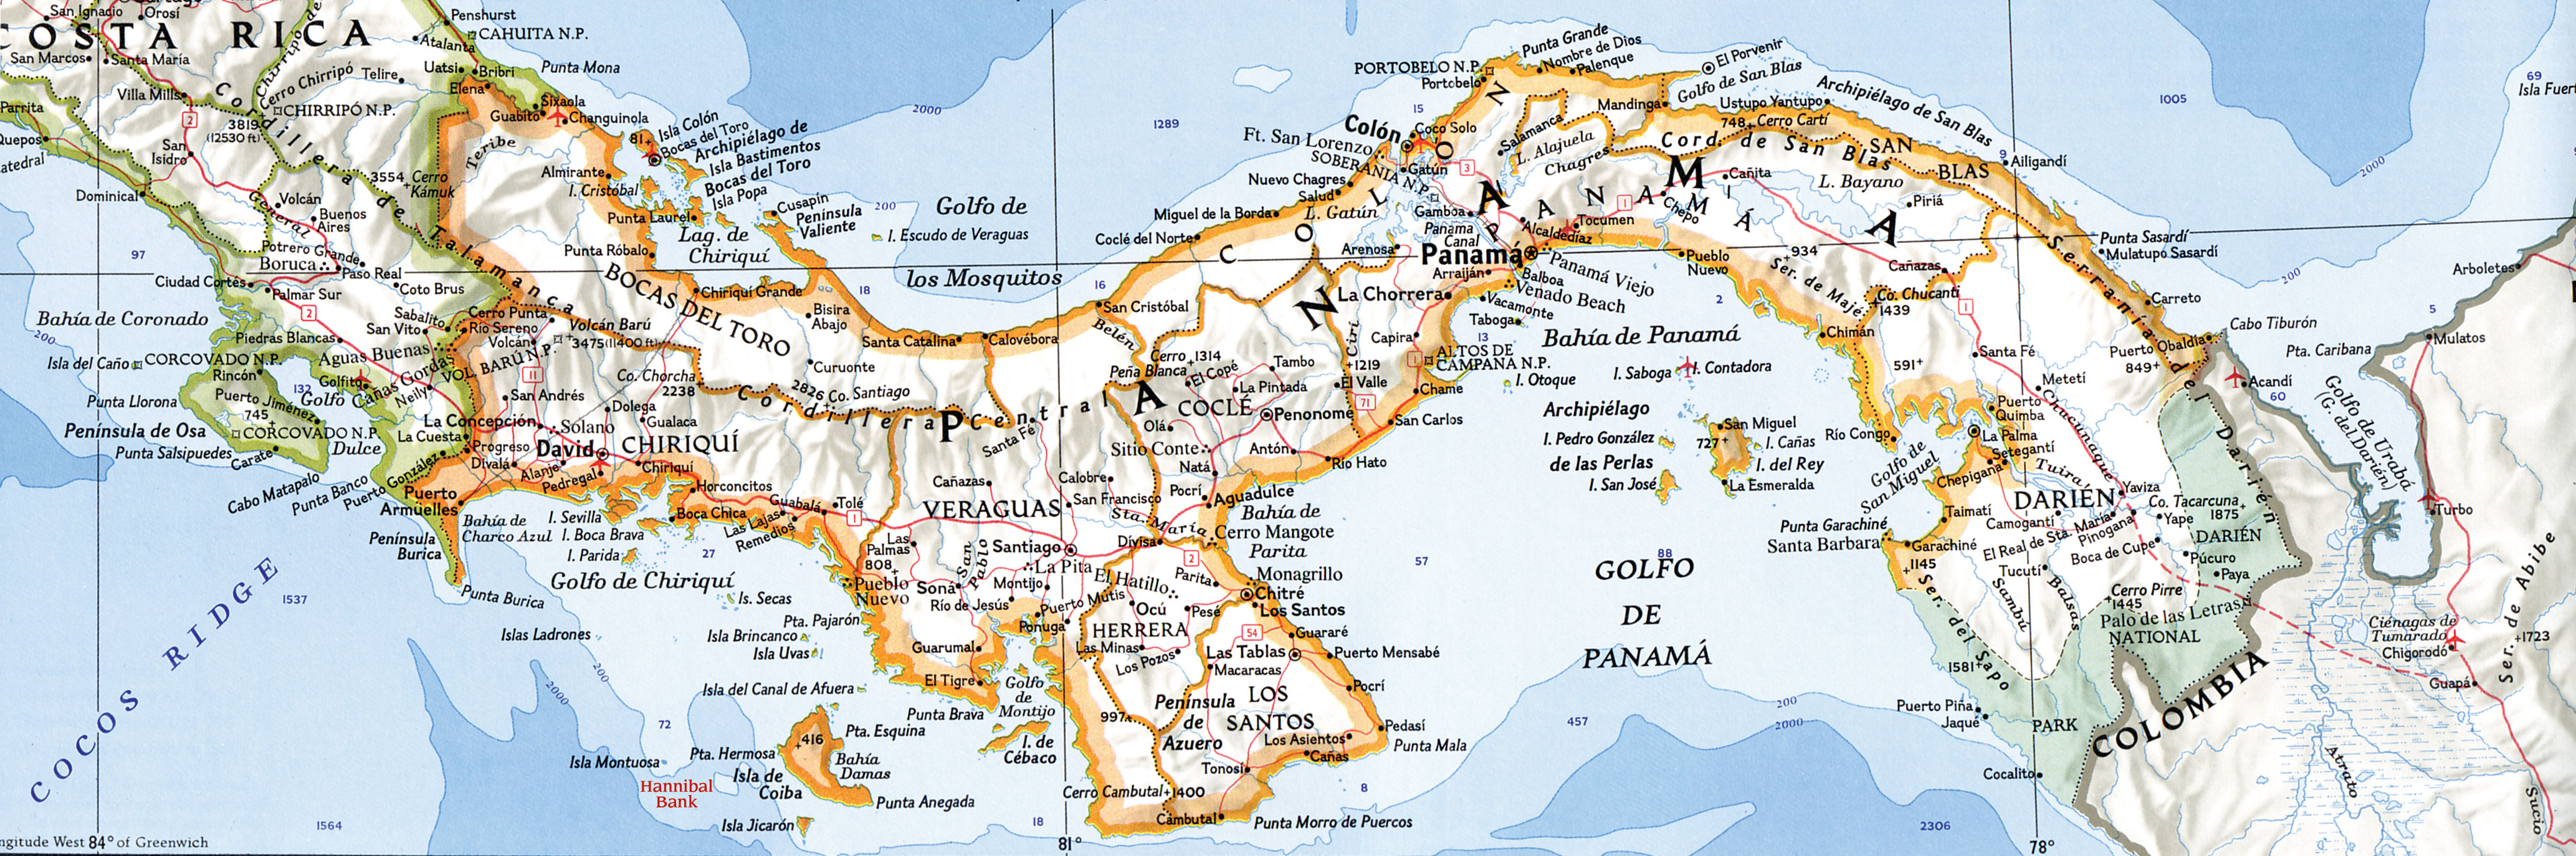 Mapa de Panamá - Tamaño completo MAPA DE PANAMA